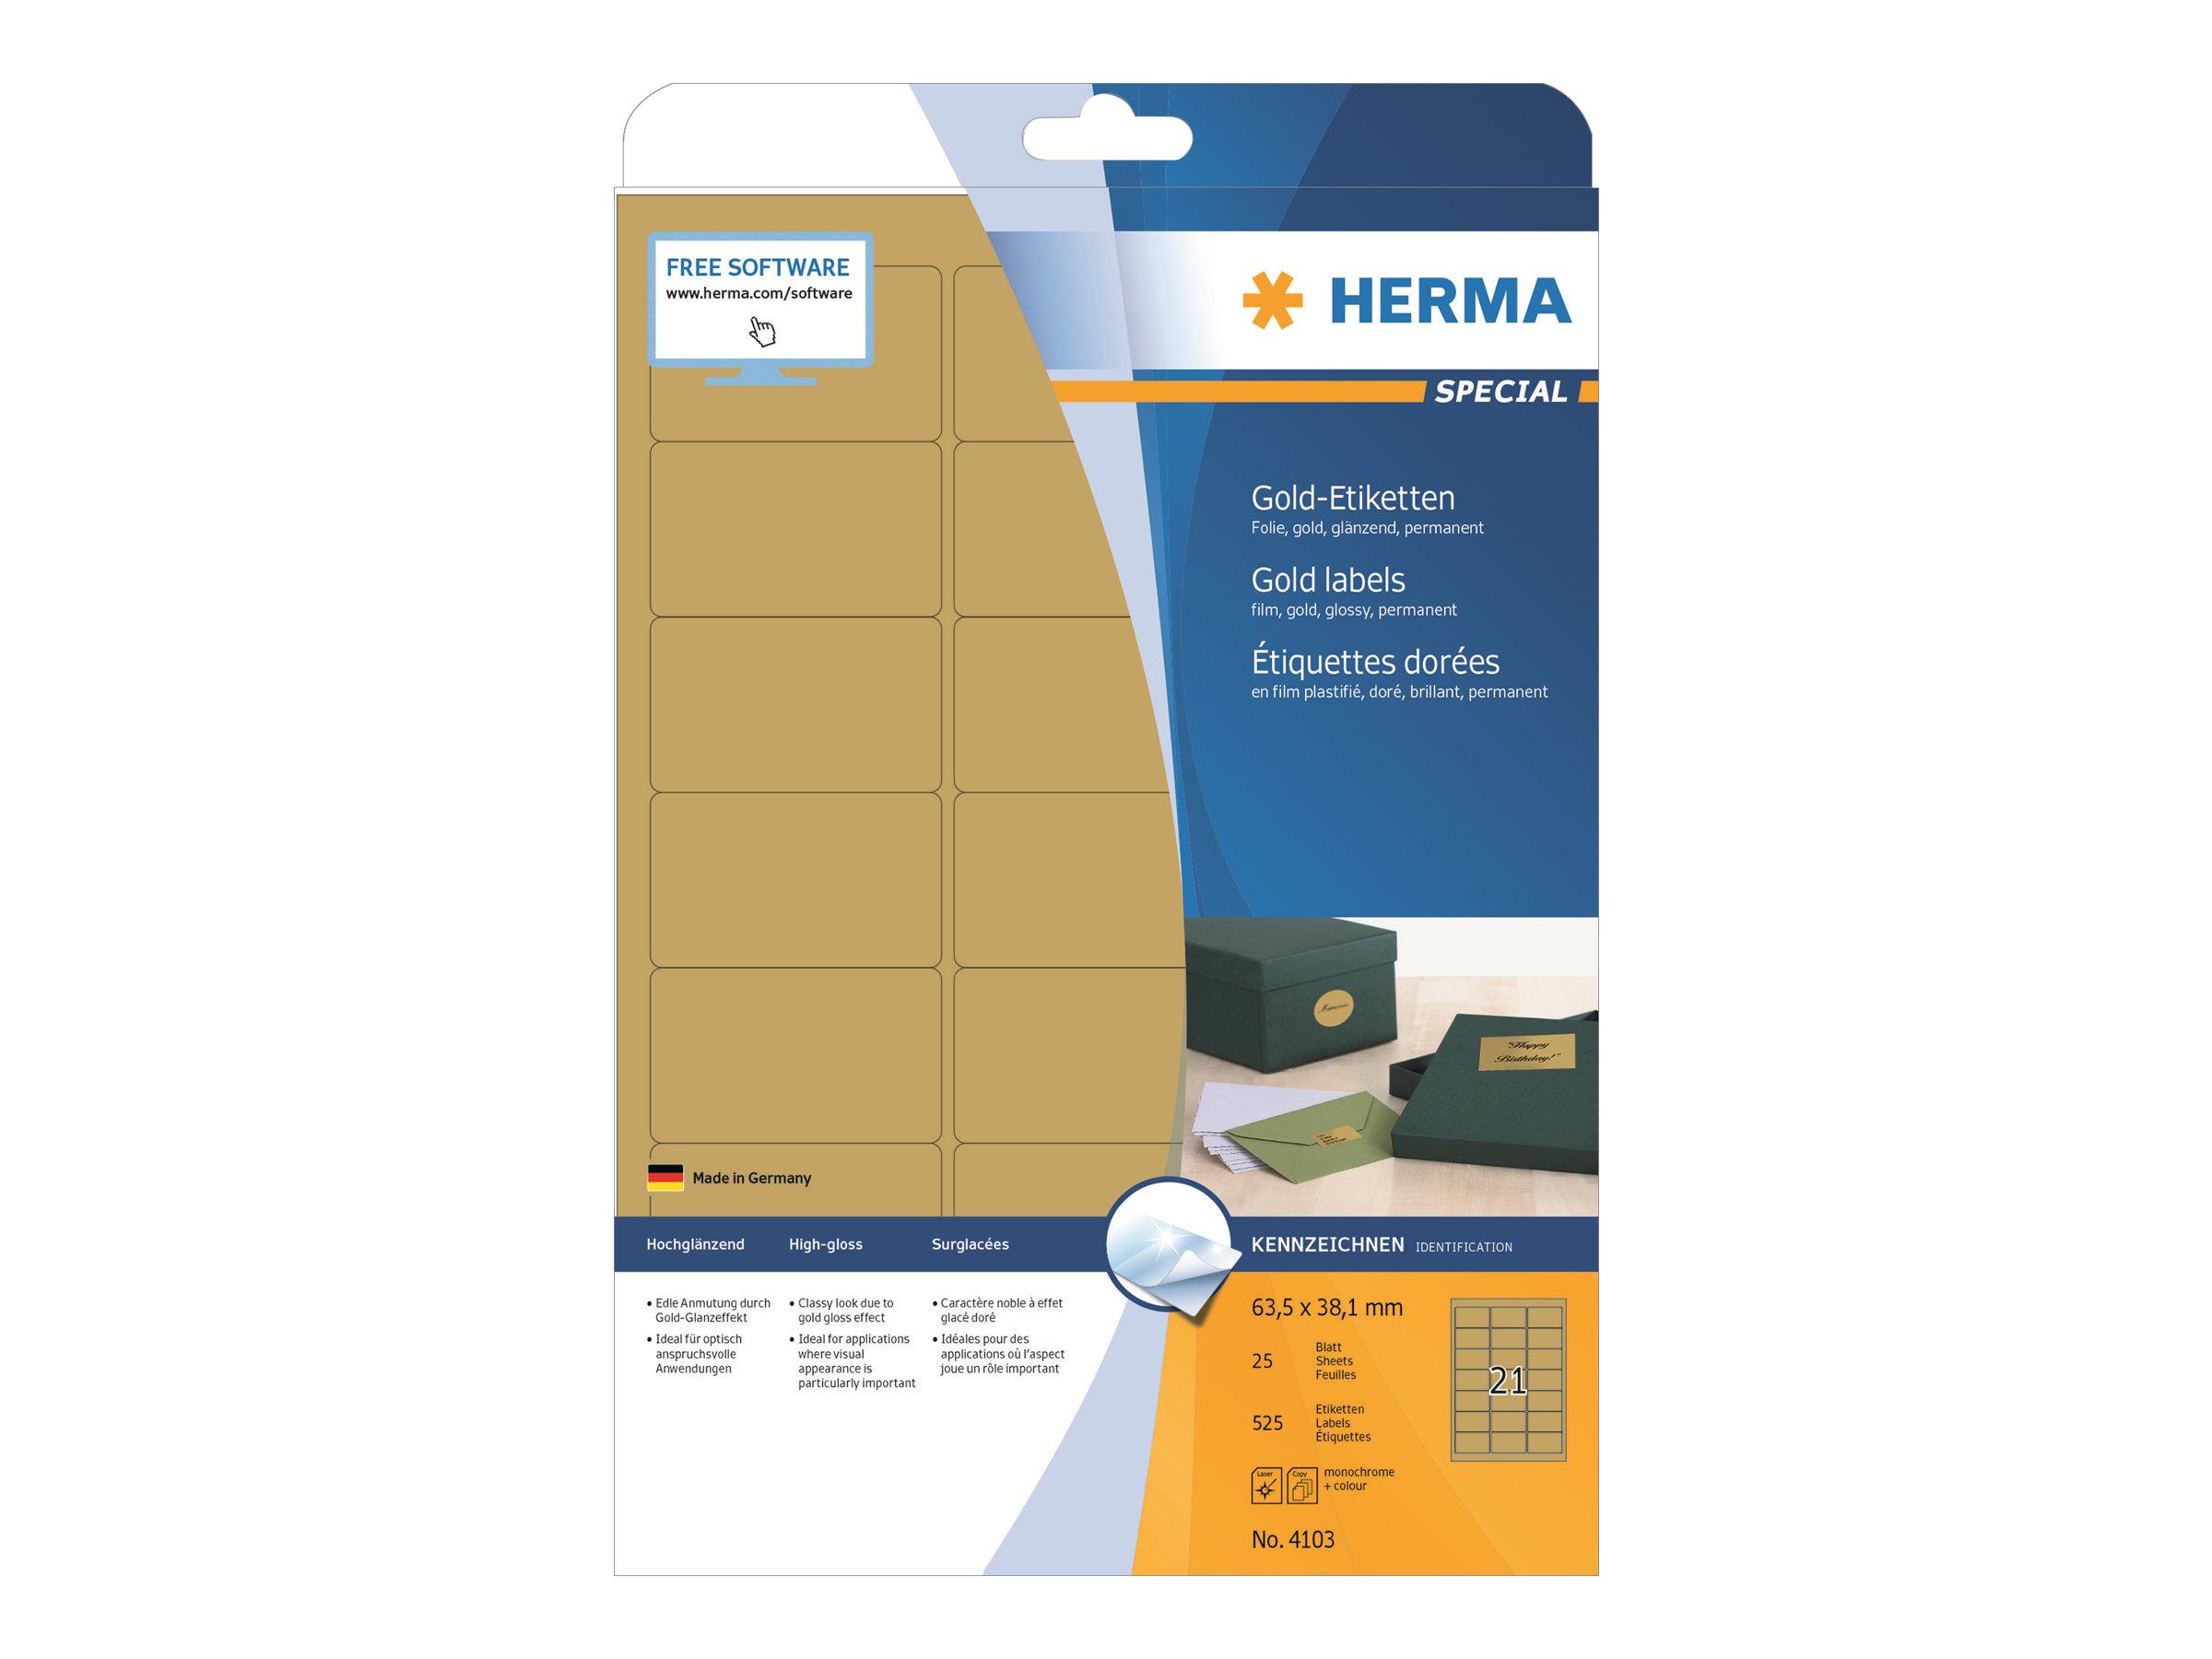 HERMA Special - Polyester - glänzend - permanent selbstklebend - Gold - 63.5 x 38.1 mm 525 Etikett(en) (25 Bogen x 21)